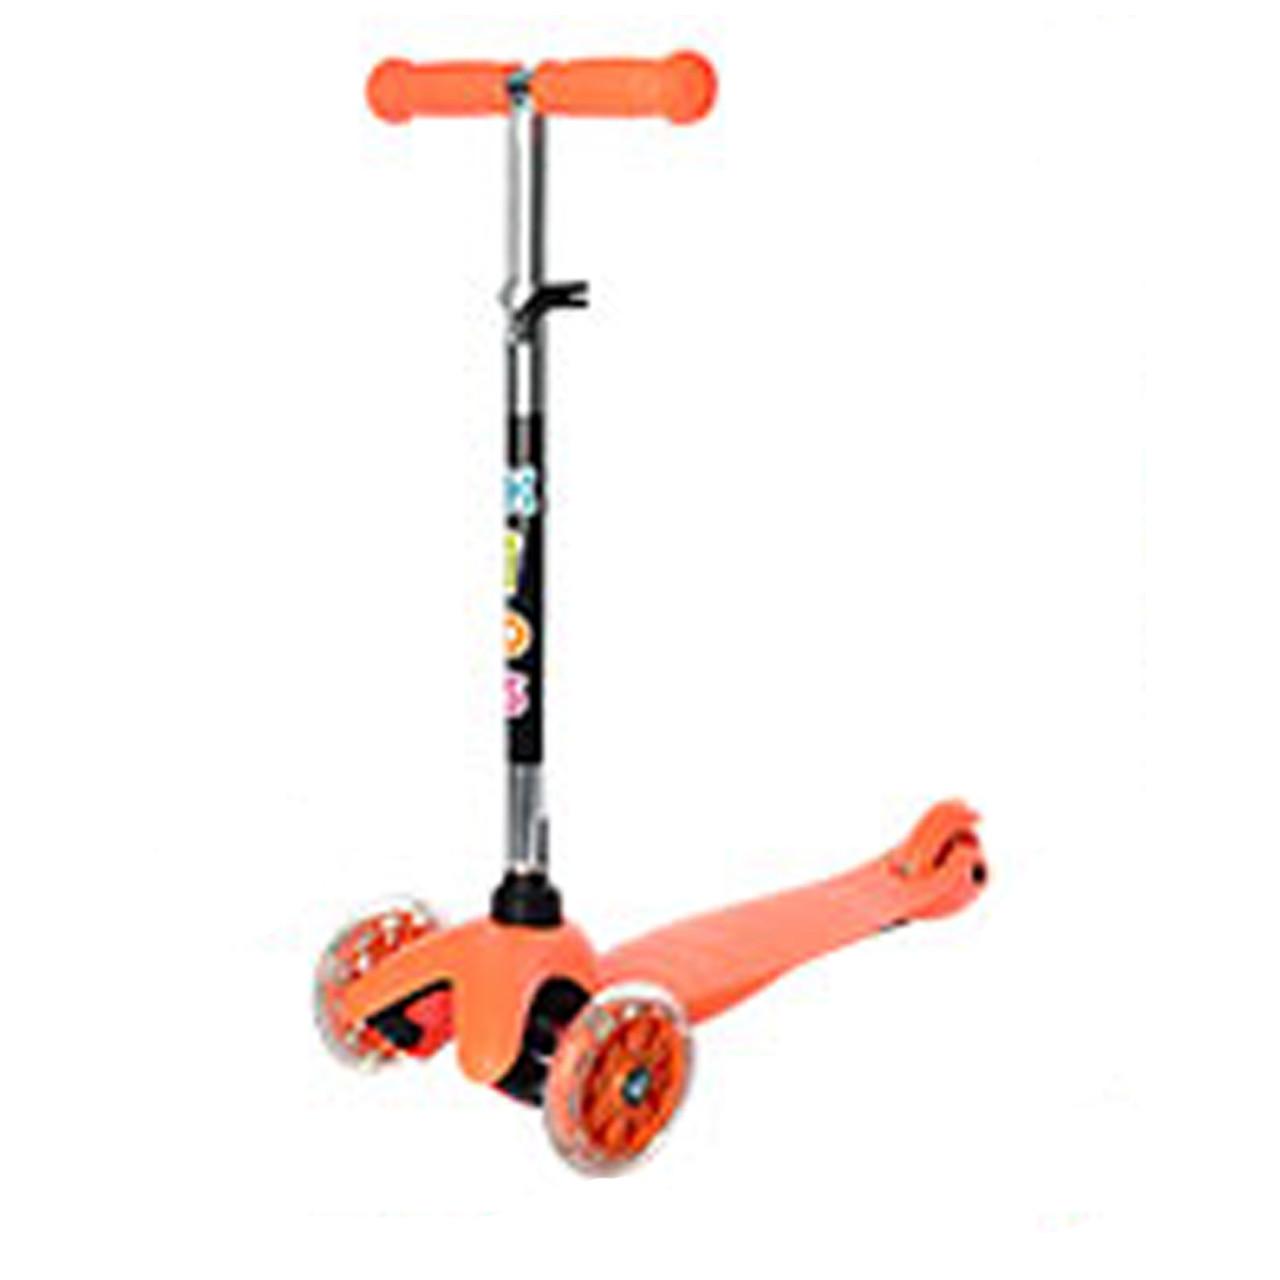 Трехколесный самокат с светящимися колесами мини оранжевый